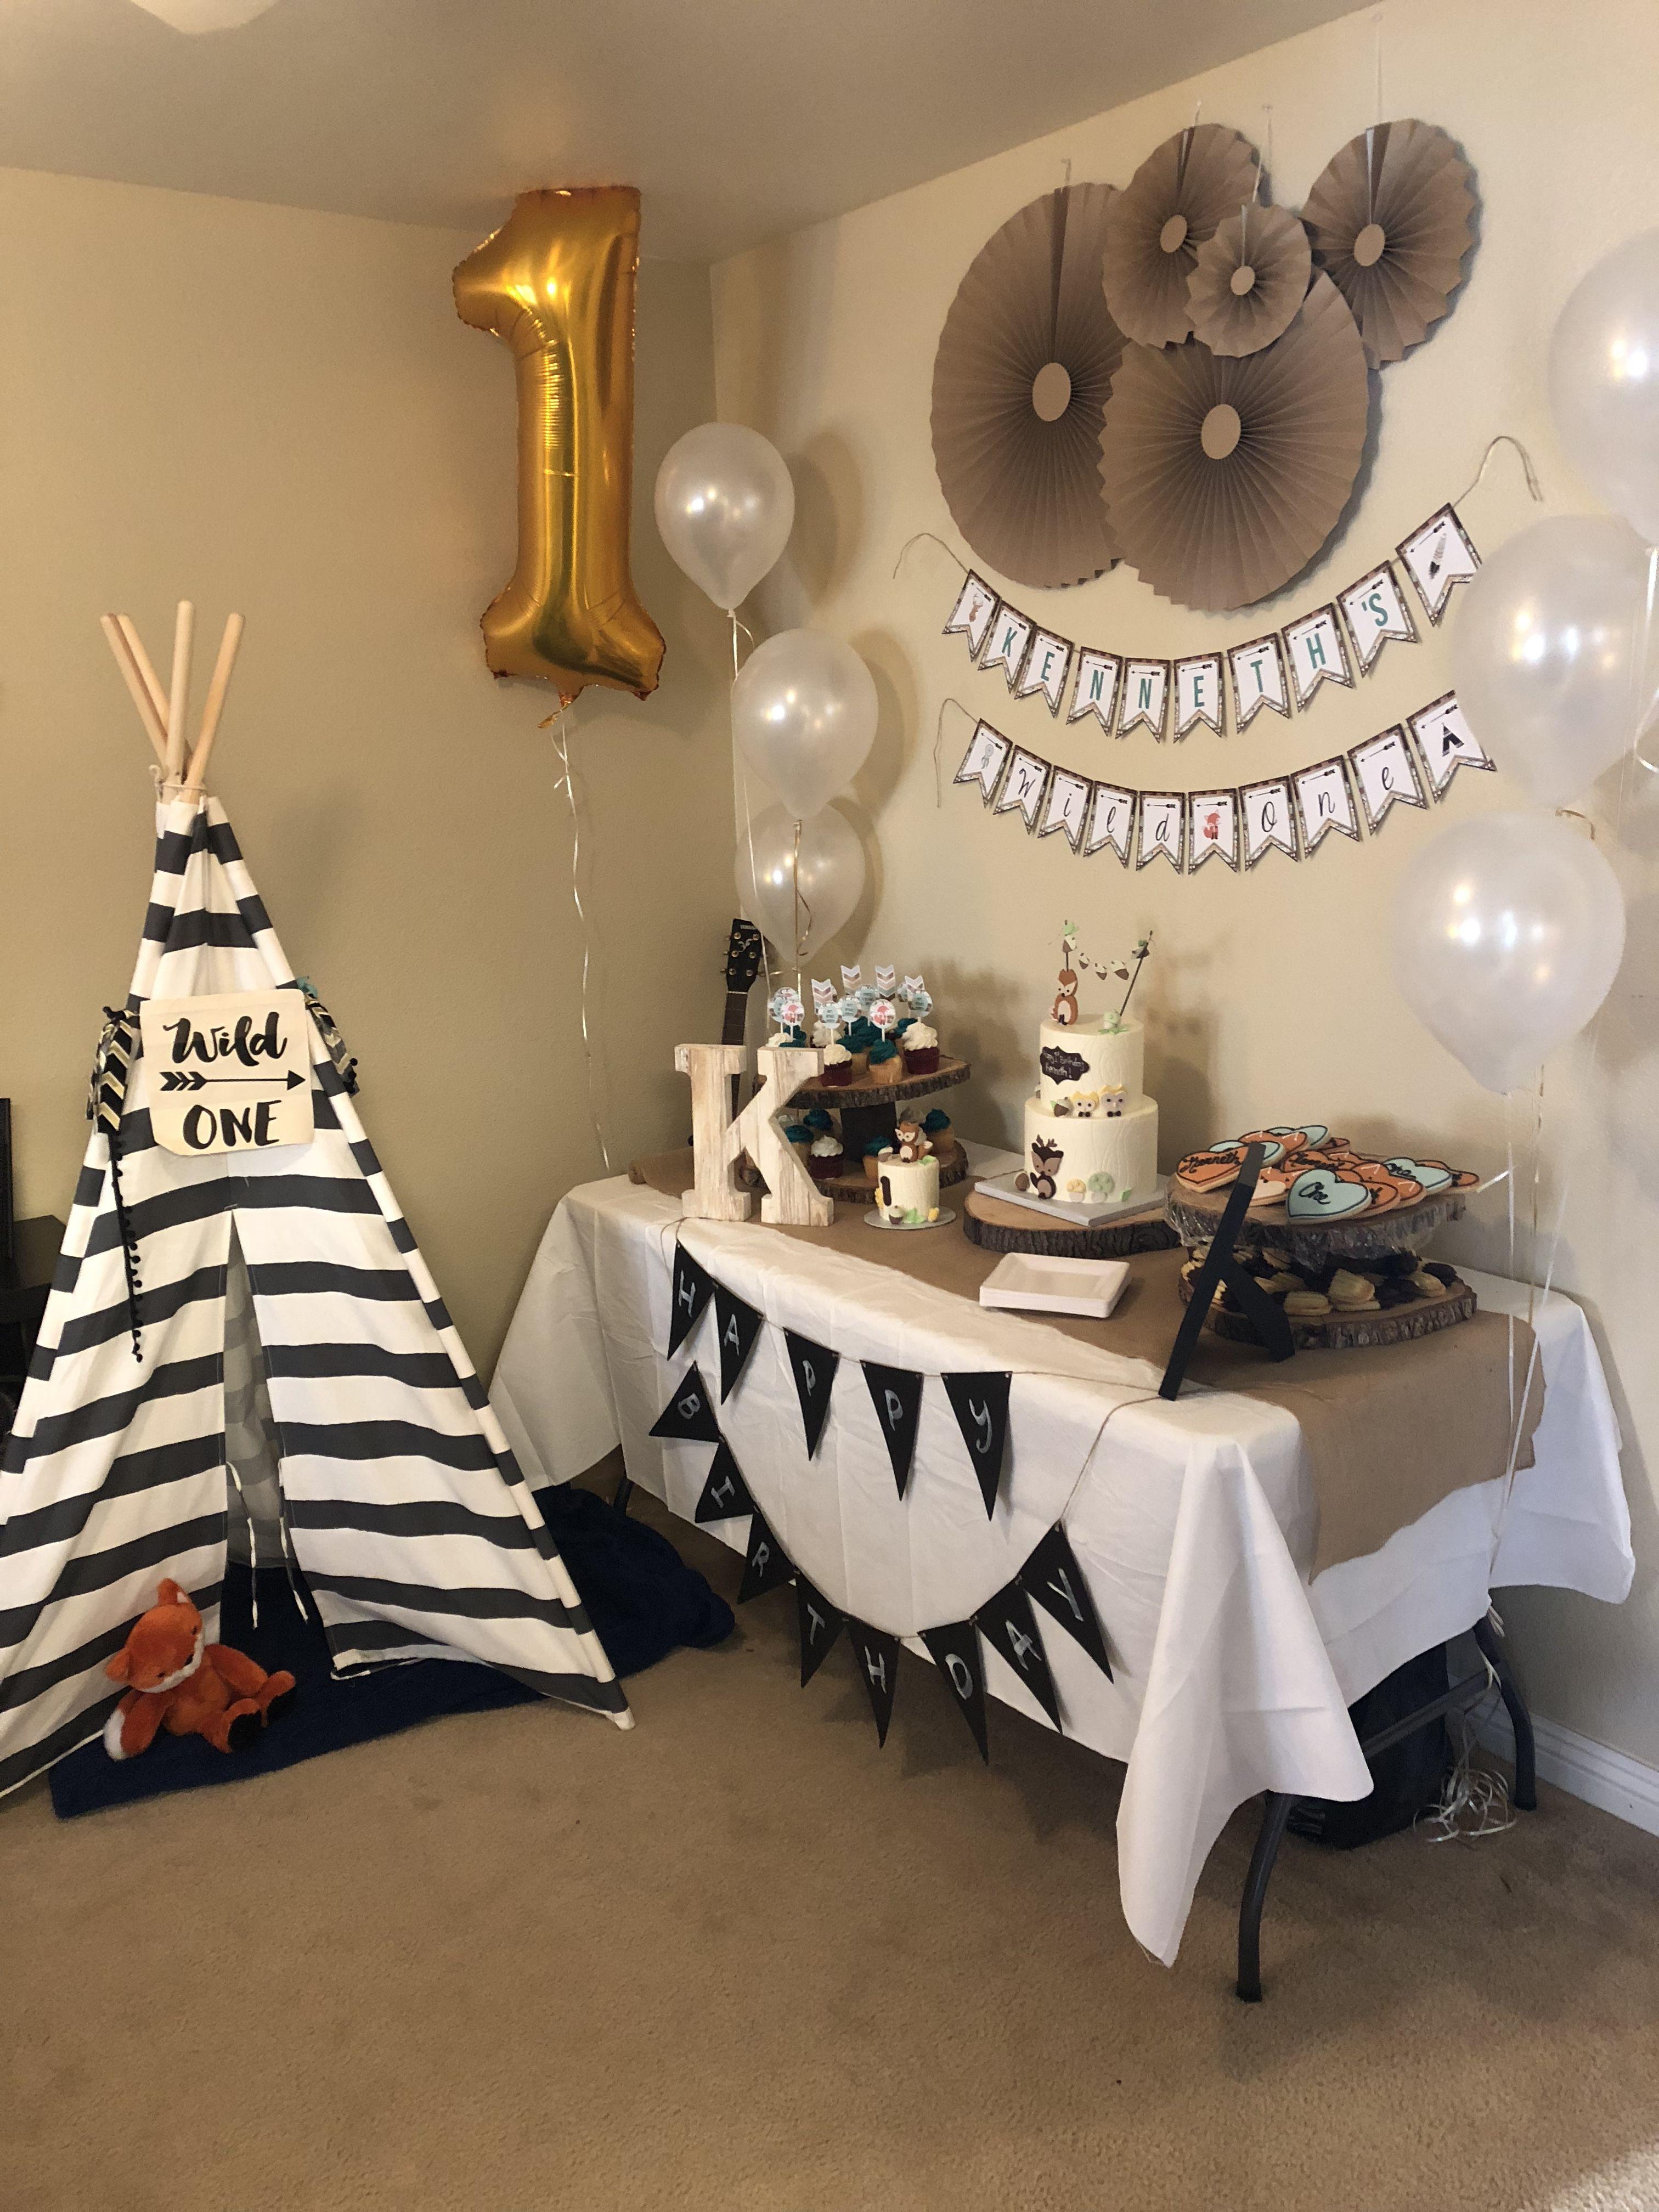 Kenneth S Wild One Birthday Party Wild One Birthday Party Boy Birthday Party Themes 1st Boy Birthday